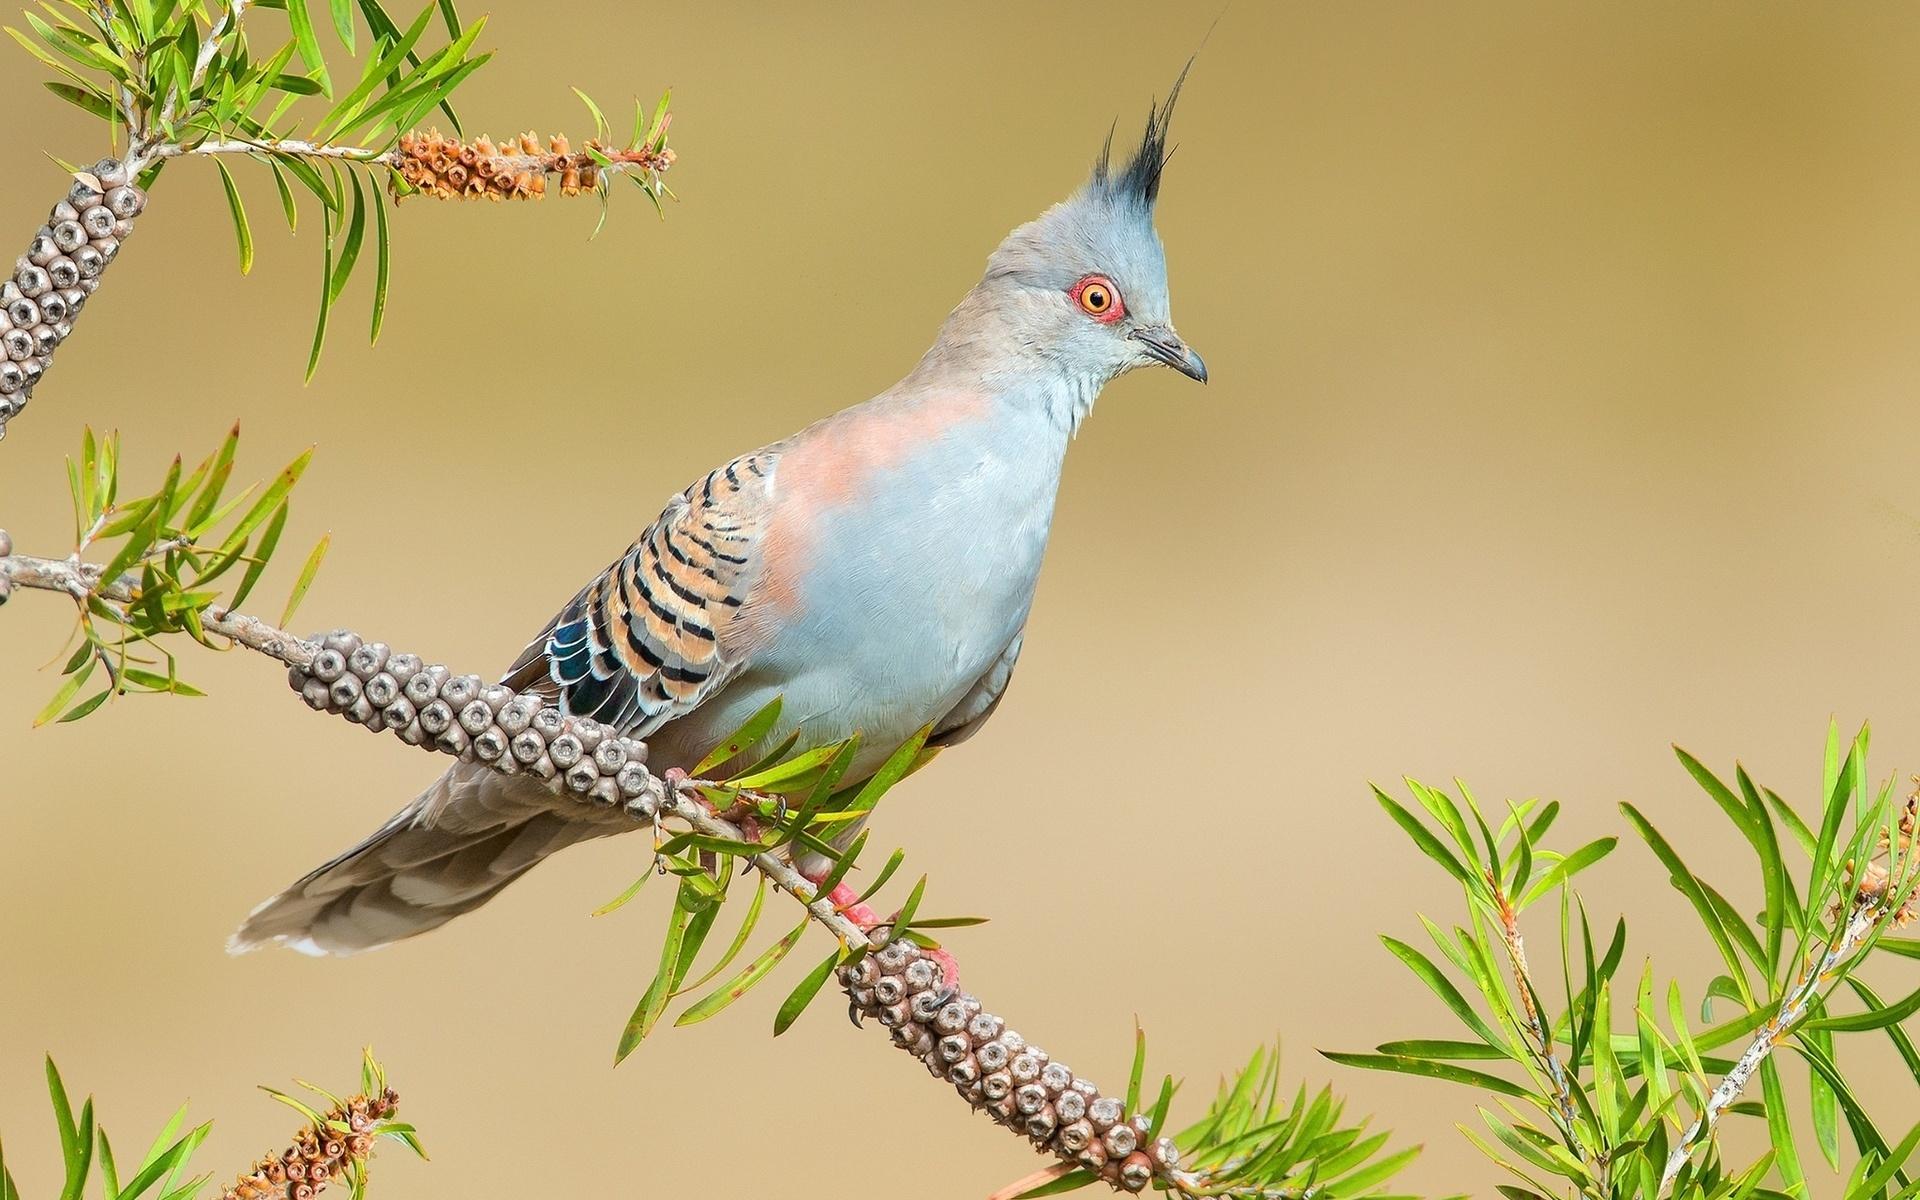 Wallpapers zweig vogel australien taube b schel f r for Minimalismus haustiere